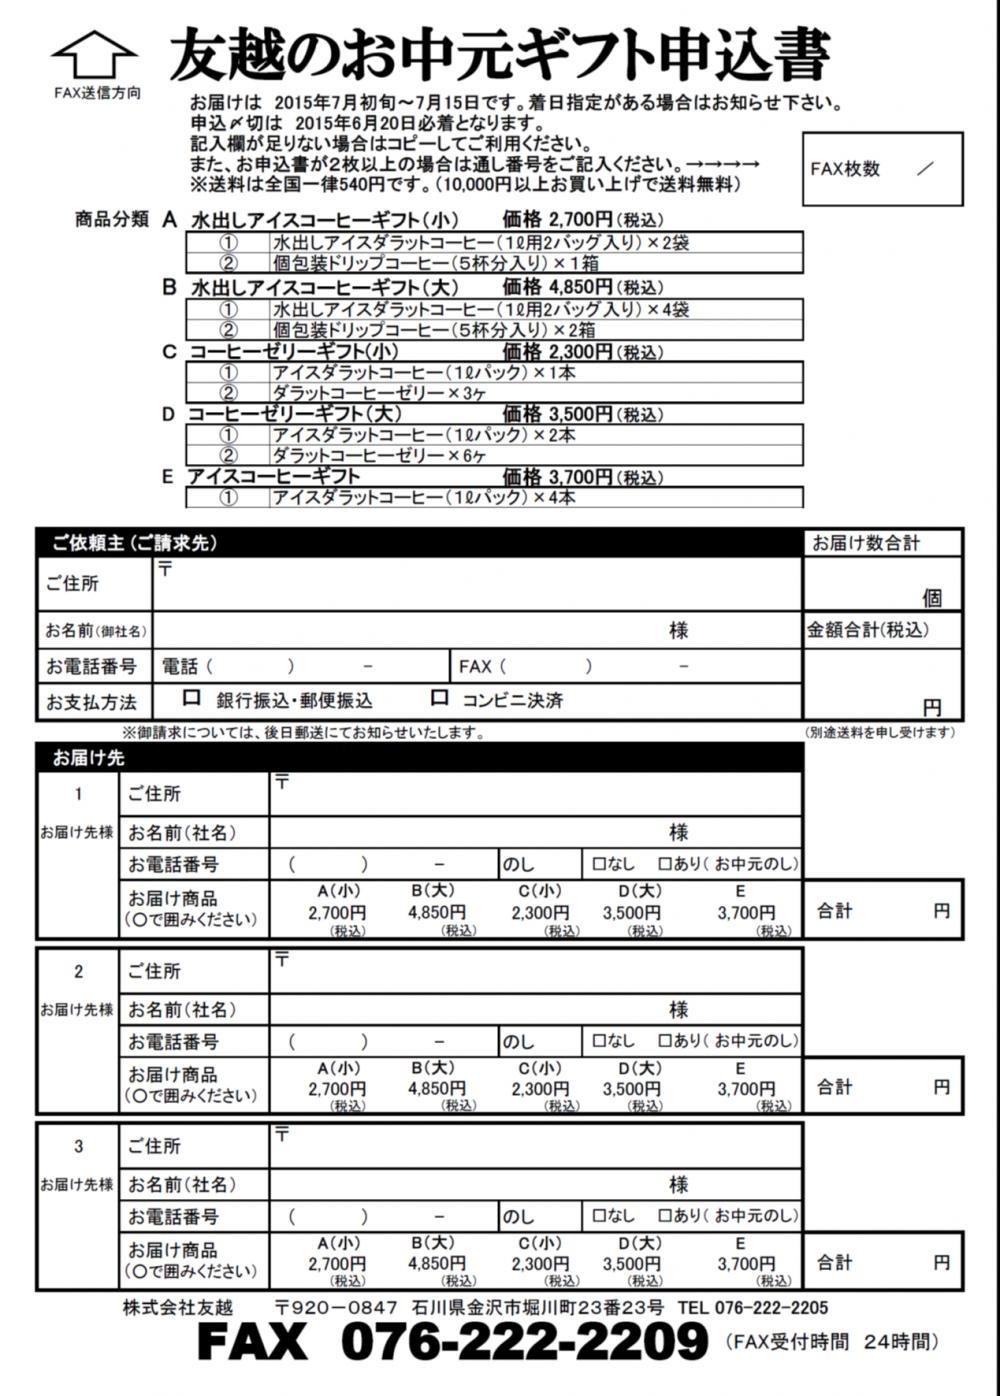 2015お中元申込書